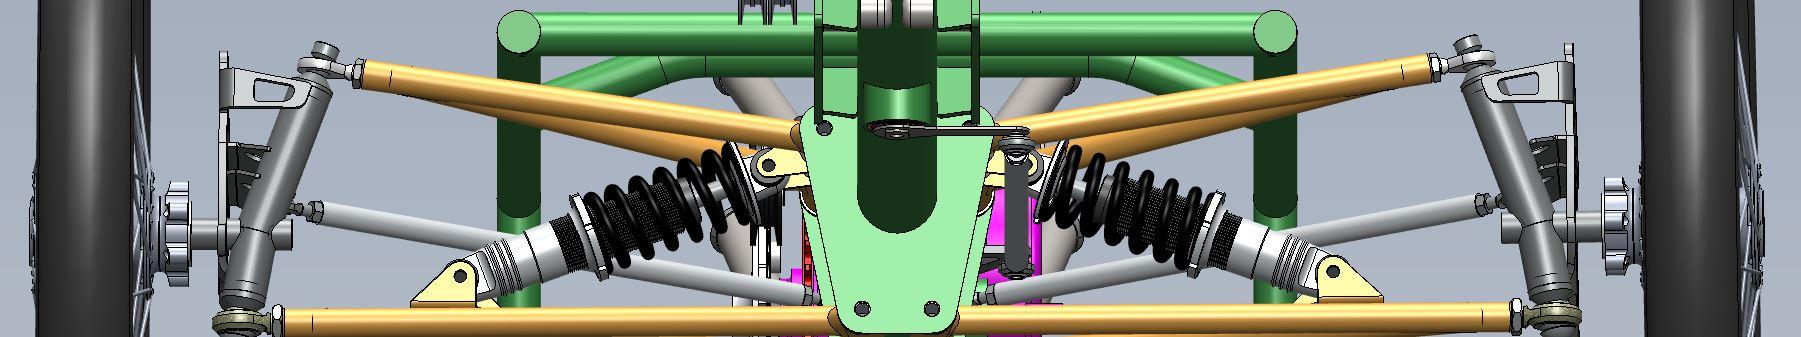 Ausschnitt aus CAD-Zeichnung, Vorderradaufhängung